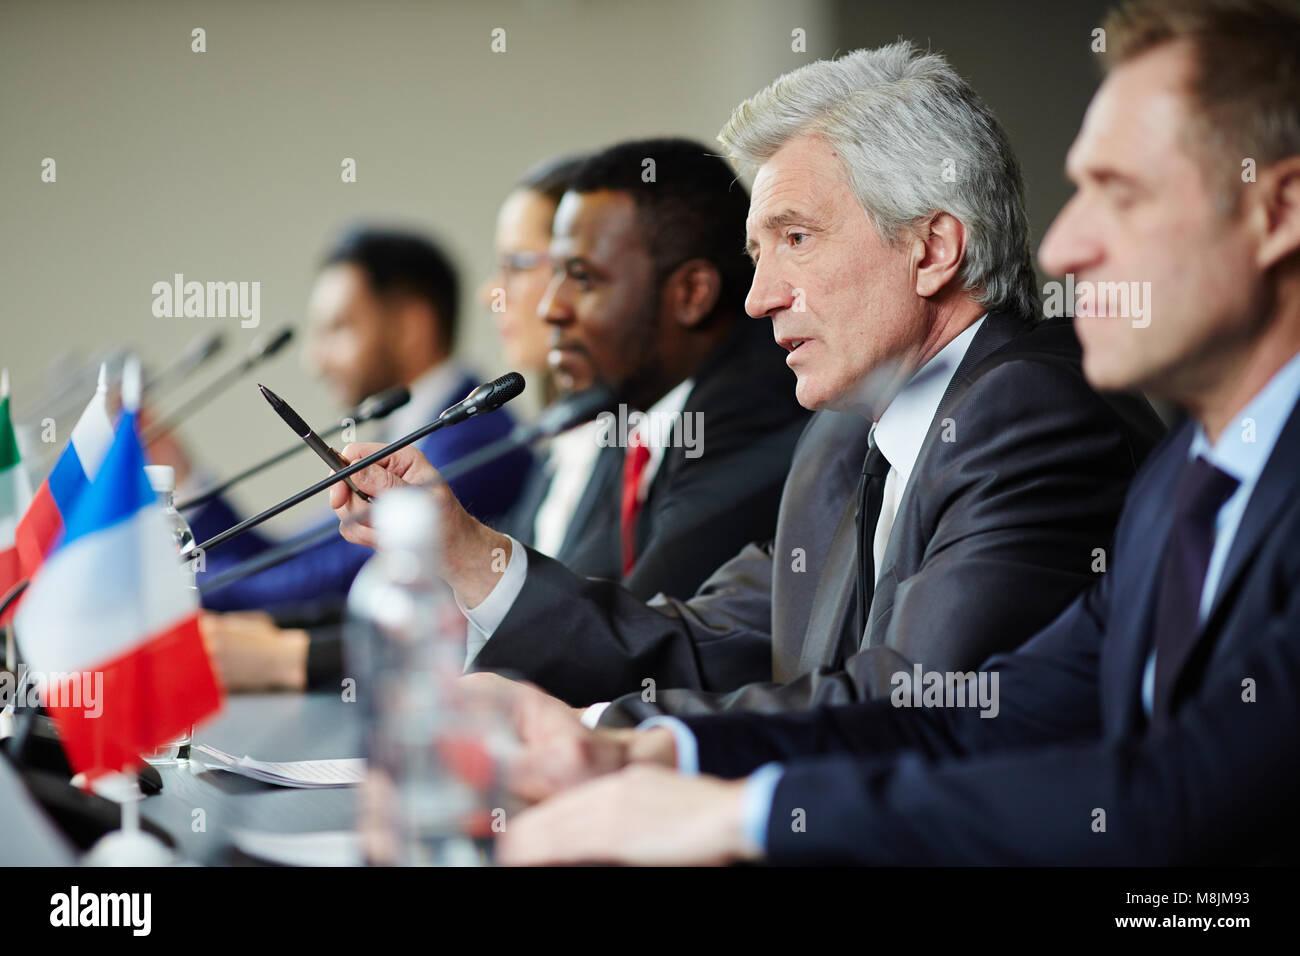 Speech of delegate - Stock Image